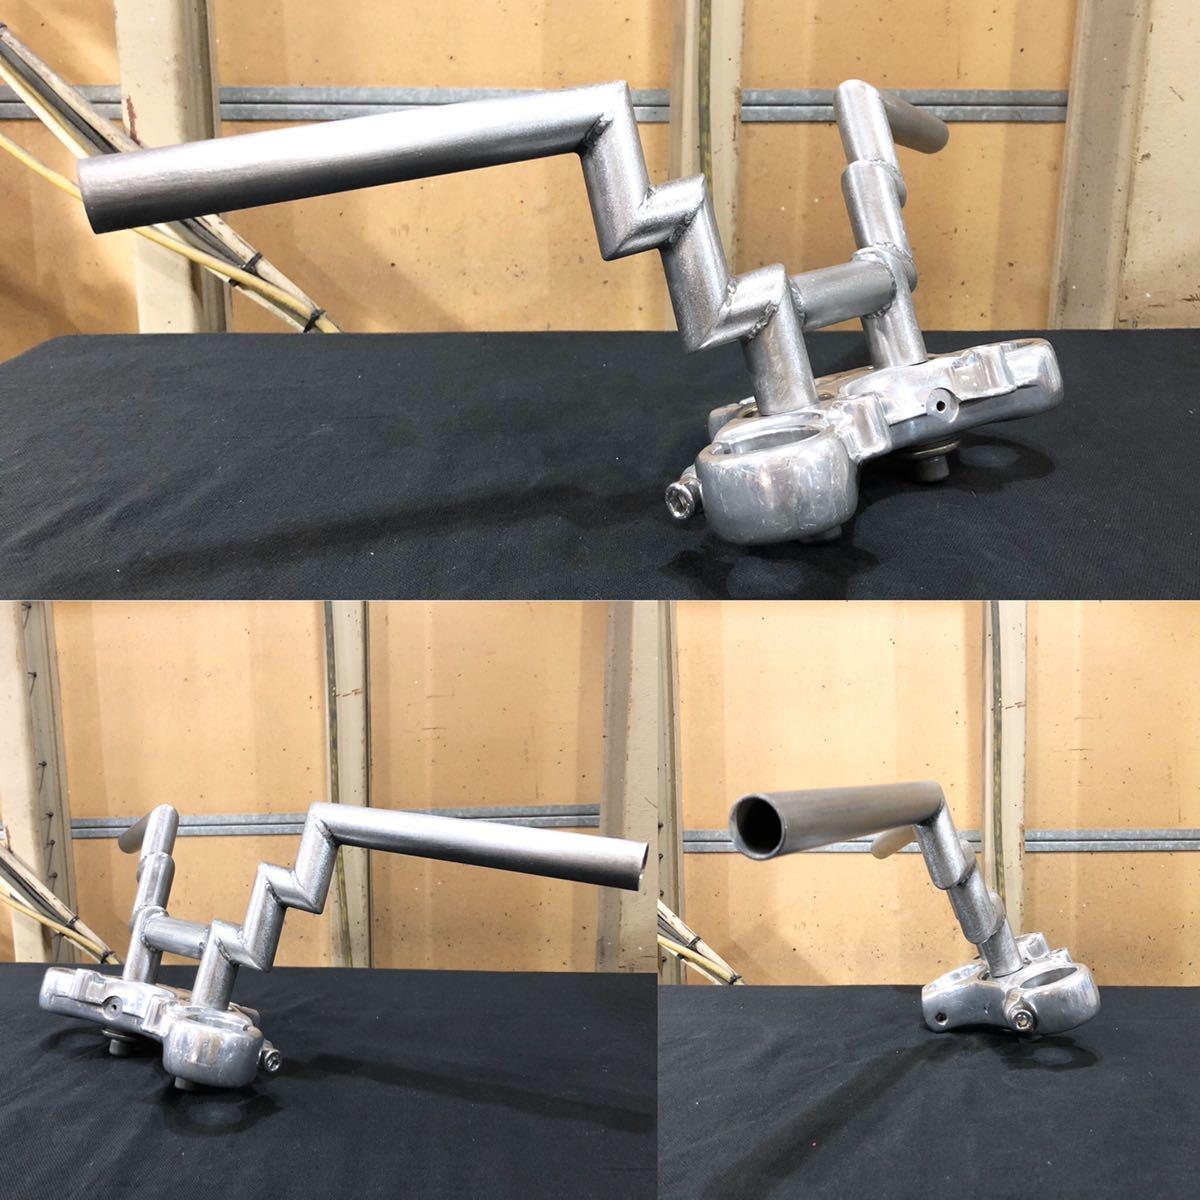 ハーレーワンオフハンドル ダブルZバー ロボット ショベル パン ナックル ナロー フリスコ ビンテージスタイル chopper_画像10